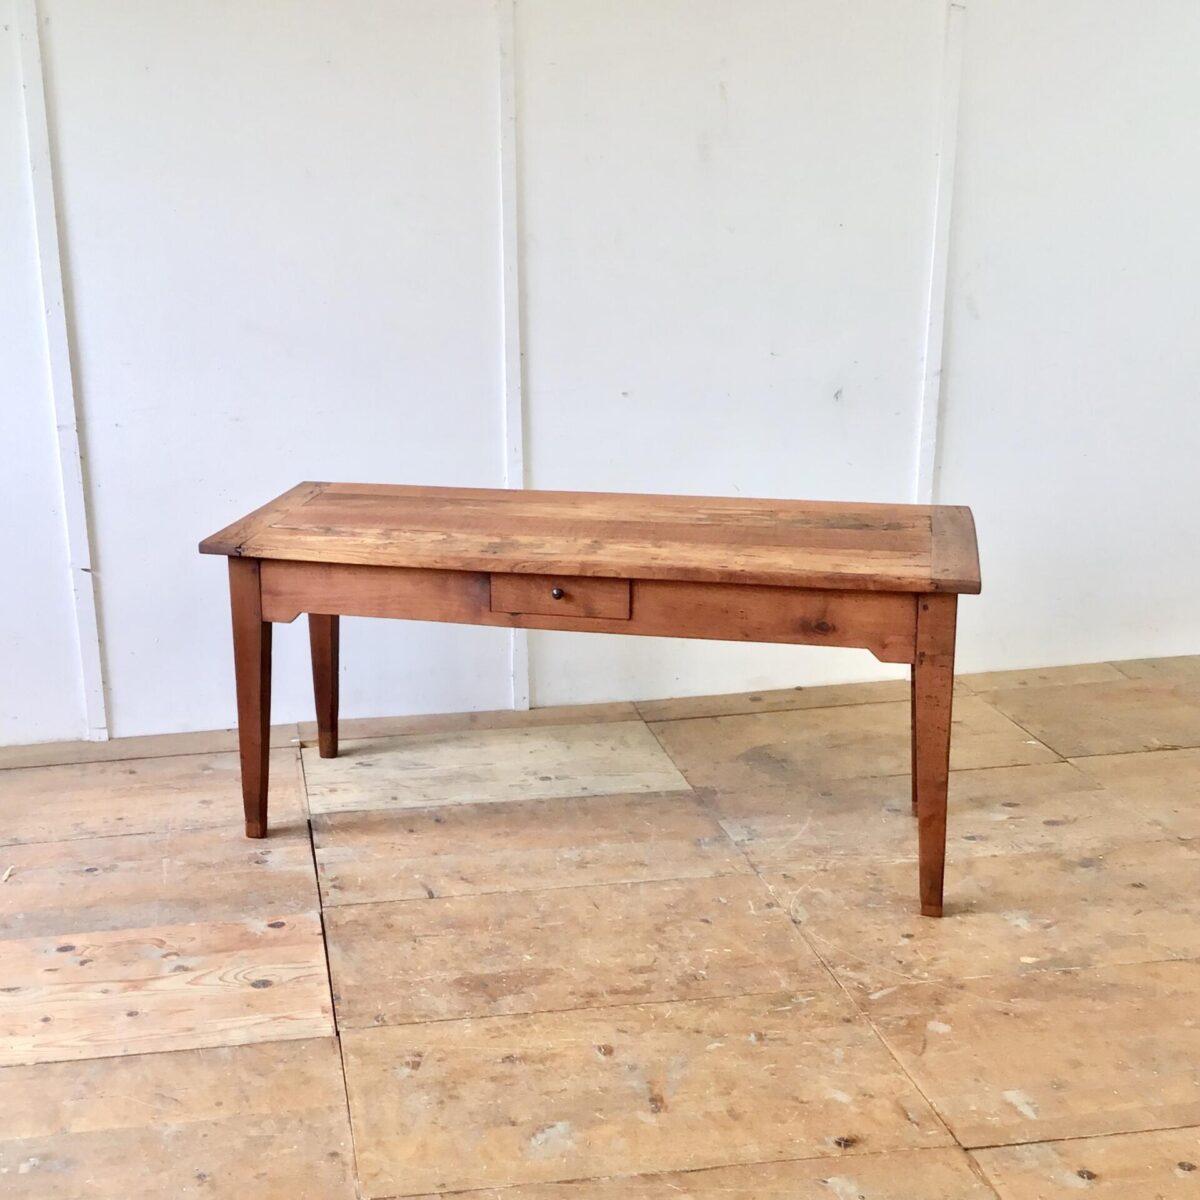 Deuxieme.shop Biedermeiertisch antiker Kirschbaum Tisch Massivholztisch Alter französischer Kirschbaumtisch mit zwei Besteck Schubladen. 171x68cm Höhe 76cm. Verlebtes altes Kirschbaum Vollholz mit Wurmlöchern, Schrammen, Beulen und Verfärbungen. Alters bedingte, leicht unebene Tischoberfläche. Der Tisch ist komplett geschliffen und geölt. Die gröbsten Ausgefressenen Stellen haben wir mit Kirschbaum Stirnholz gefüllt. Solch altes Kirschbaumholz hat eine sehr intensive rötliche Farbe. Tischbeine wurden mal etwas angesetzt, und die Zargen etwas gestutzt um die nötige Beinfreiheit zu gewährleisten.